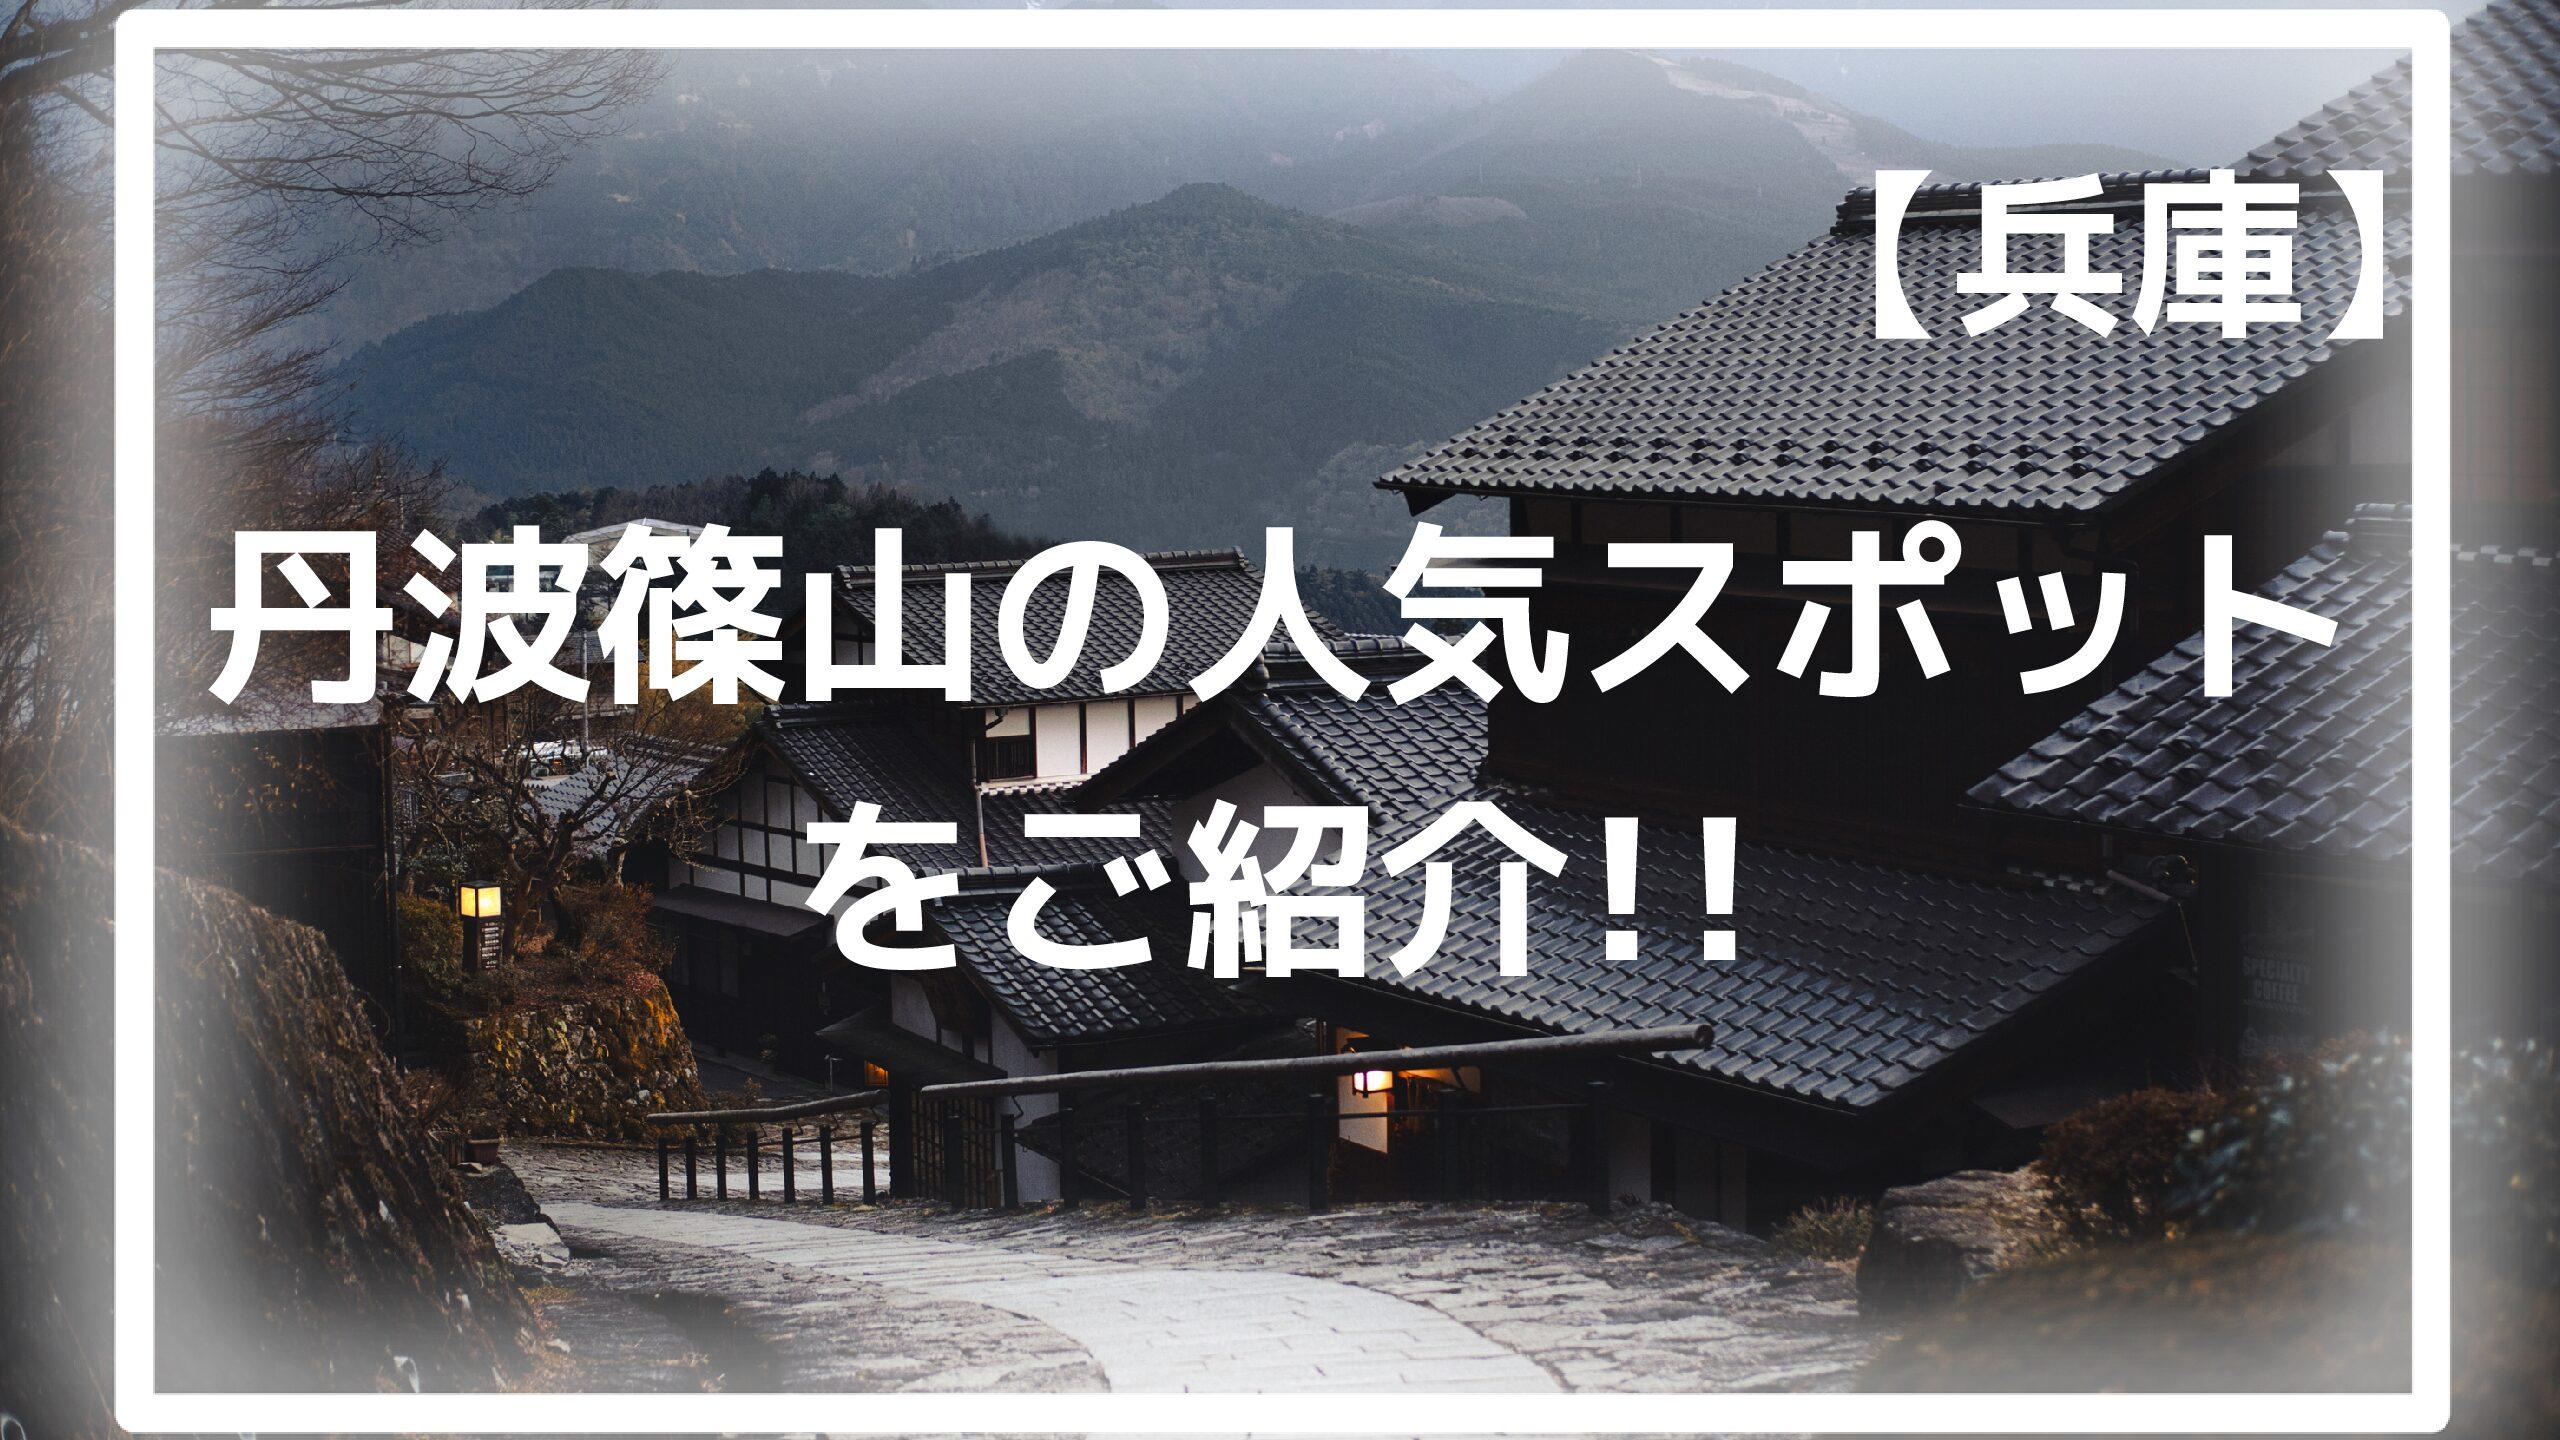 400年前にタイムスリップ?今なお残る城下町を観光できる丹波篠山